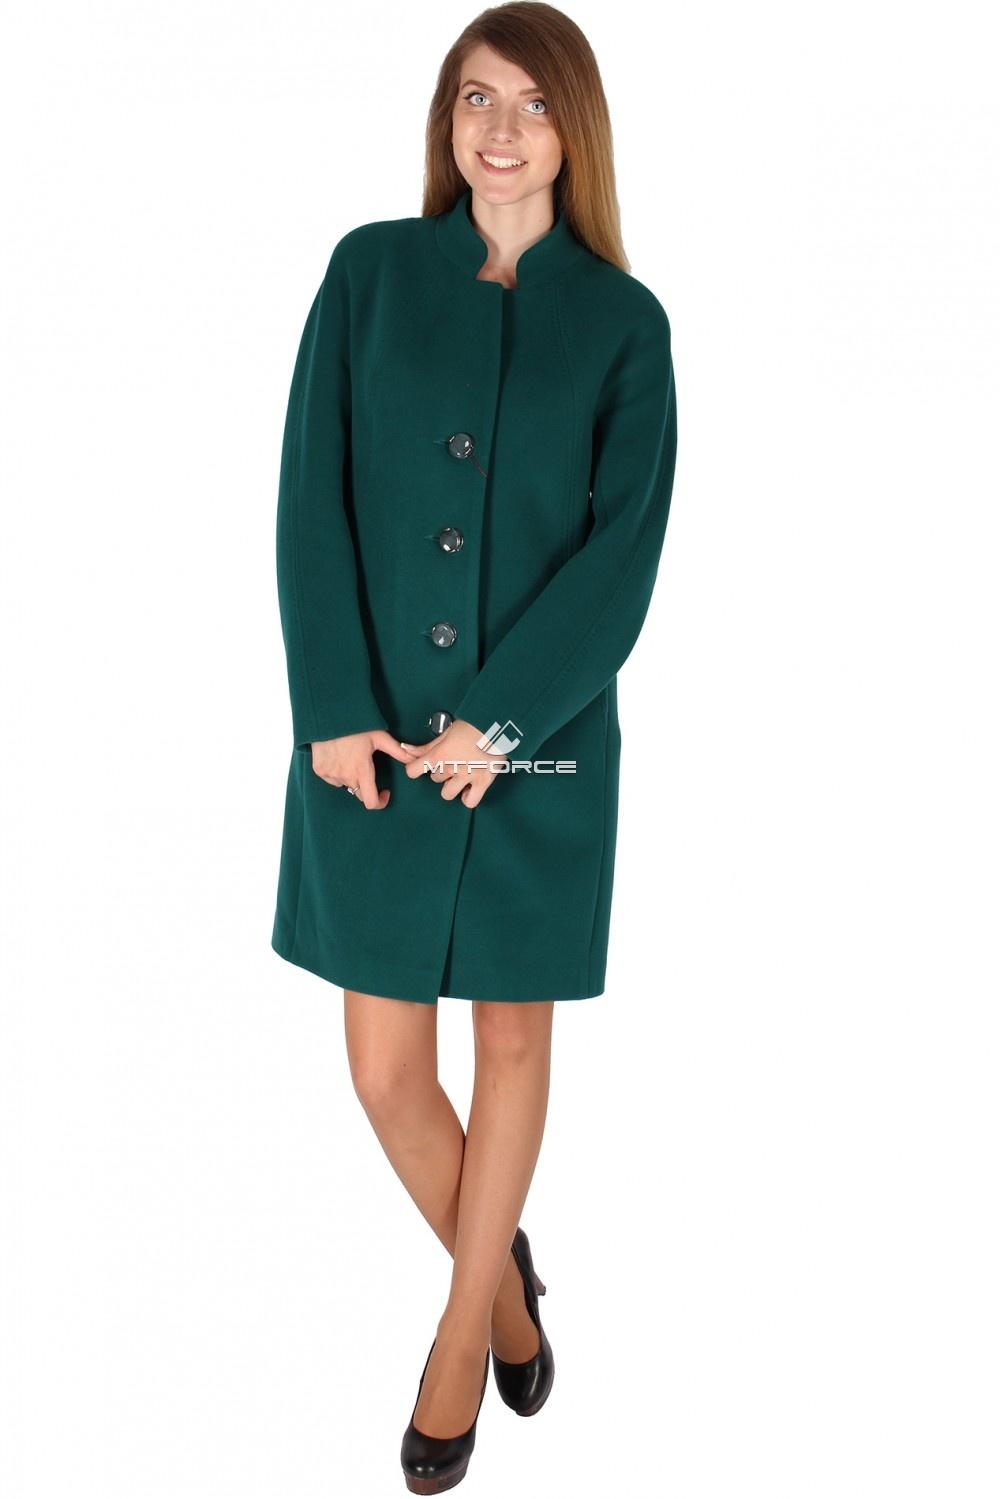 Купить оптом Пальто женское темно-зеленого цвета 15193TZ в Новосибирске